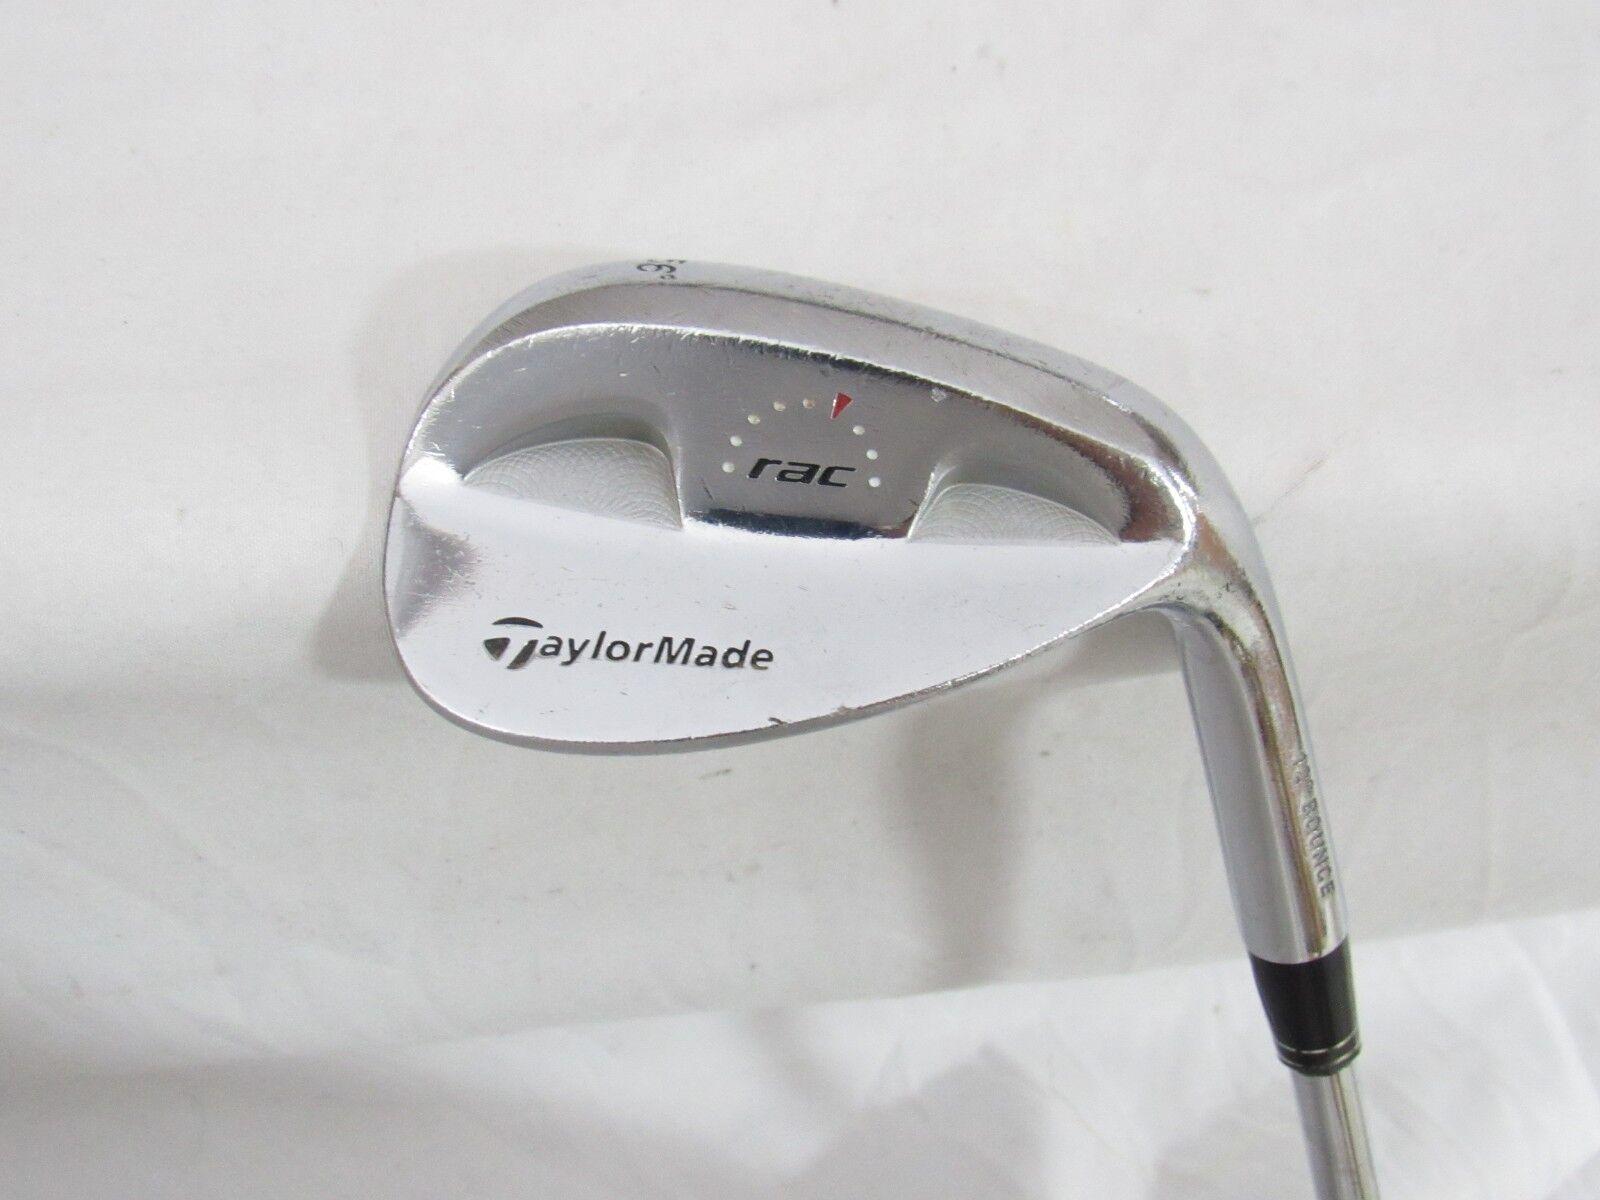 Utiliza la  mano derecha Taylormade Rac 56  Sand Wedge Taylormade Cuña de Acero Flexión s w-Flex  edición limitada en caliente